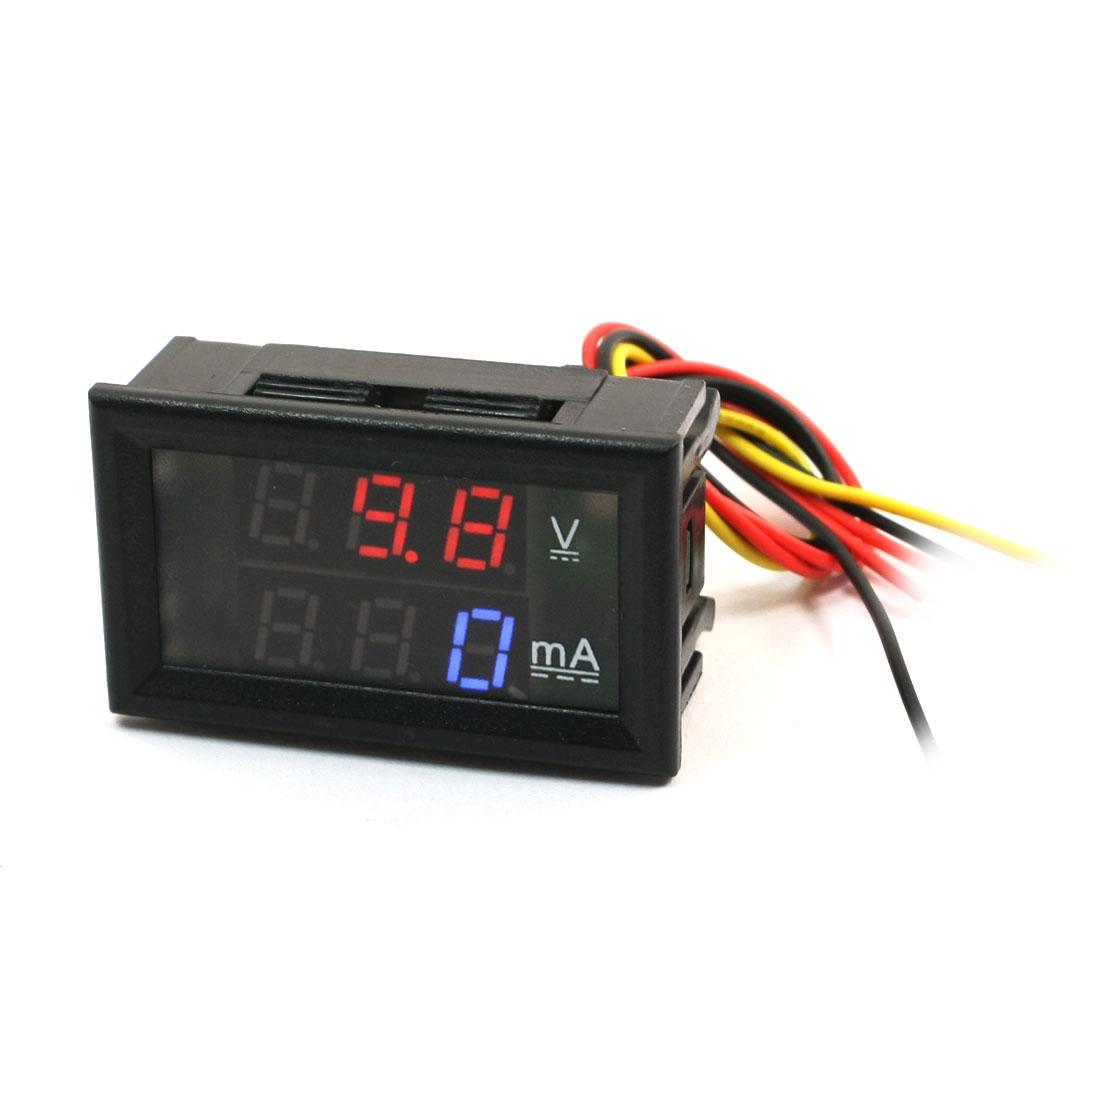 DC 0-999mA Ammeter 0-300VDC Voltmeter Red Blue Digitals LED Meter